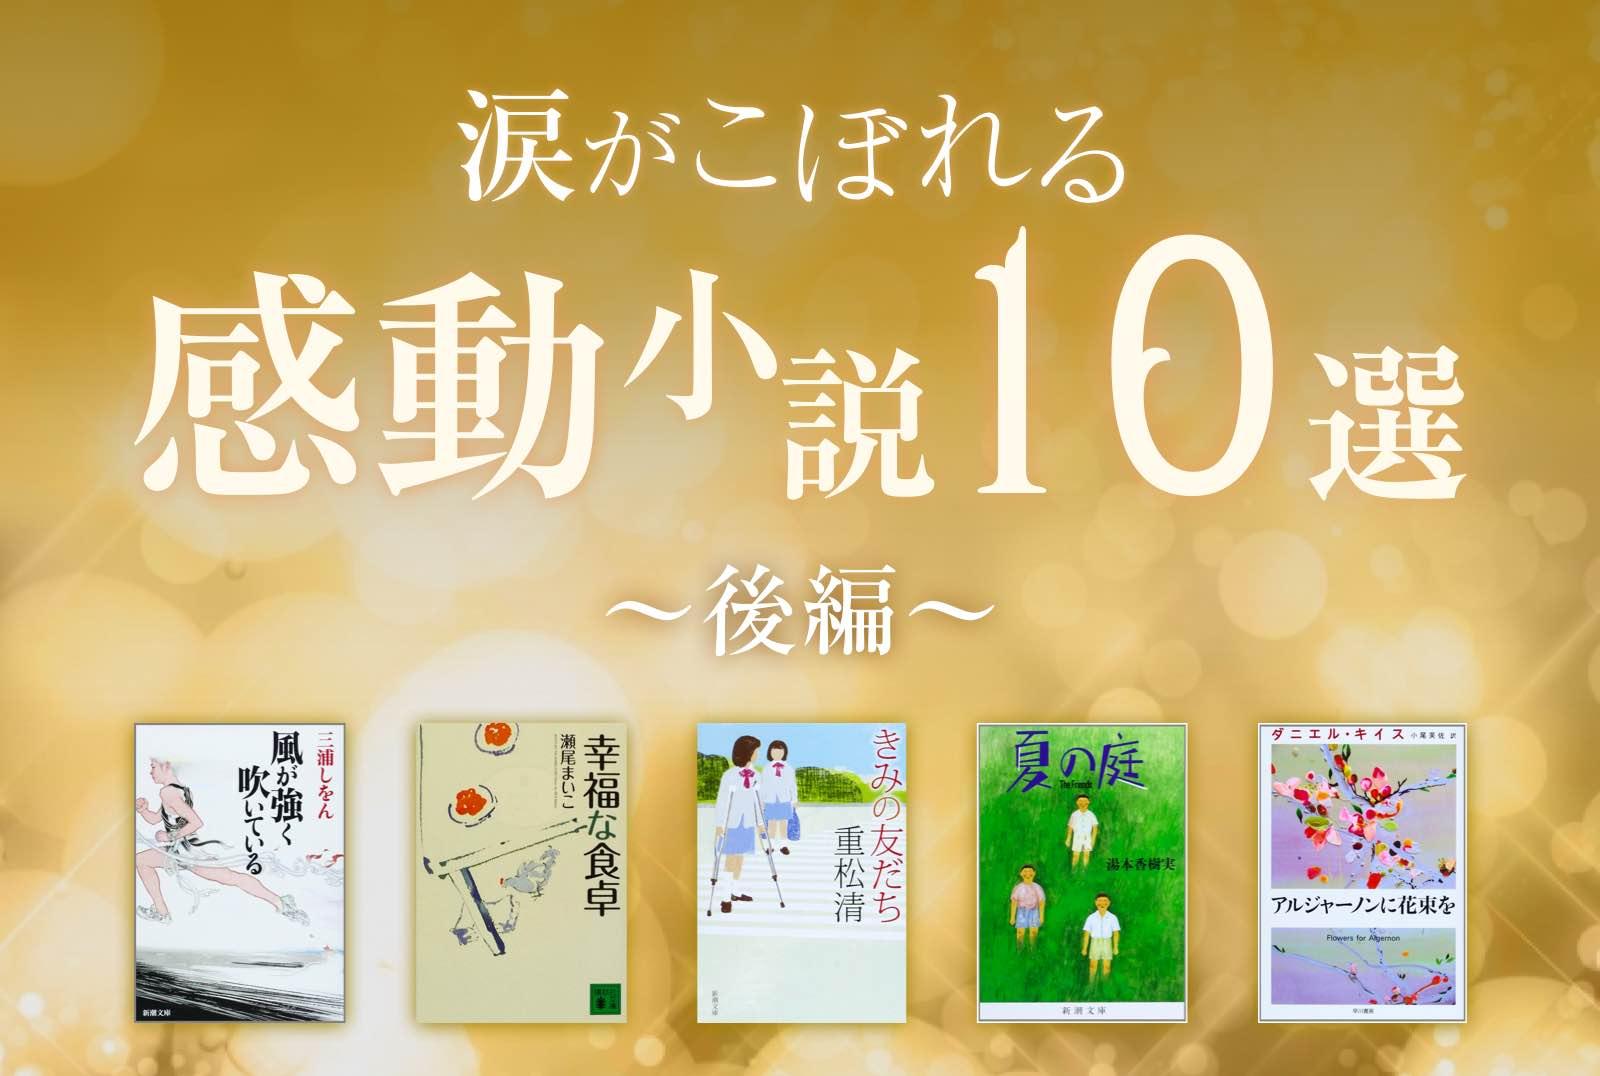 涙がこぼれる感動小説10選!一度読んだら忘れられない感動作を厳選 ...